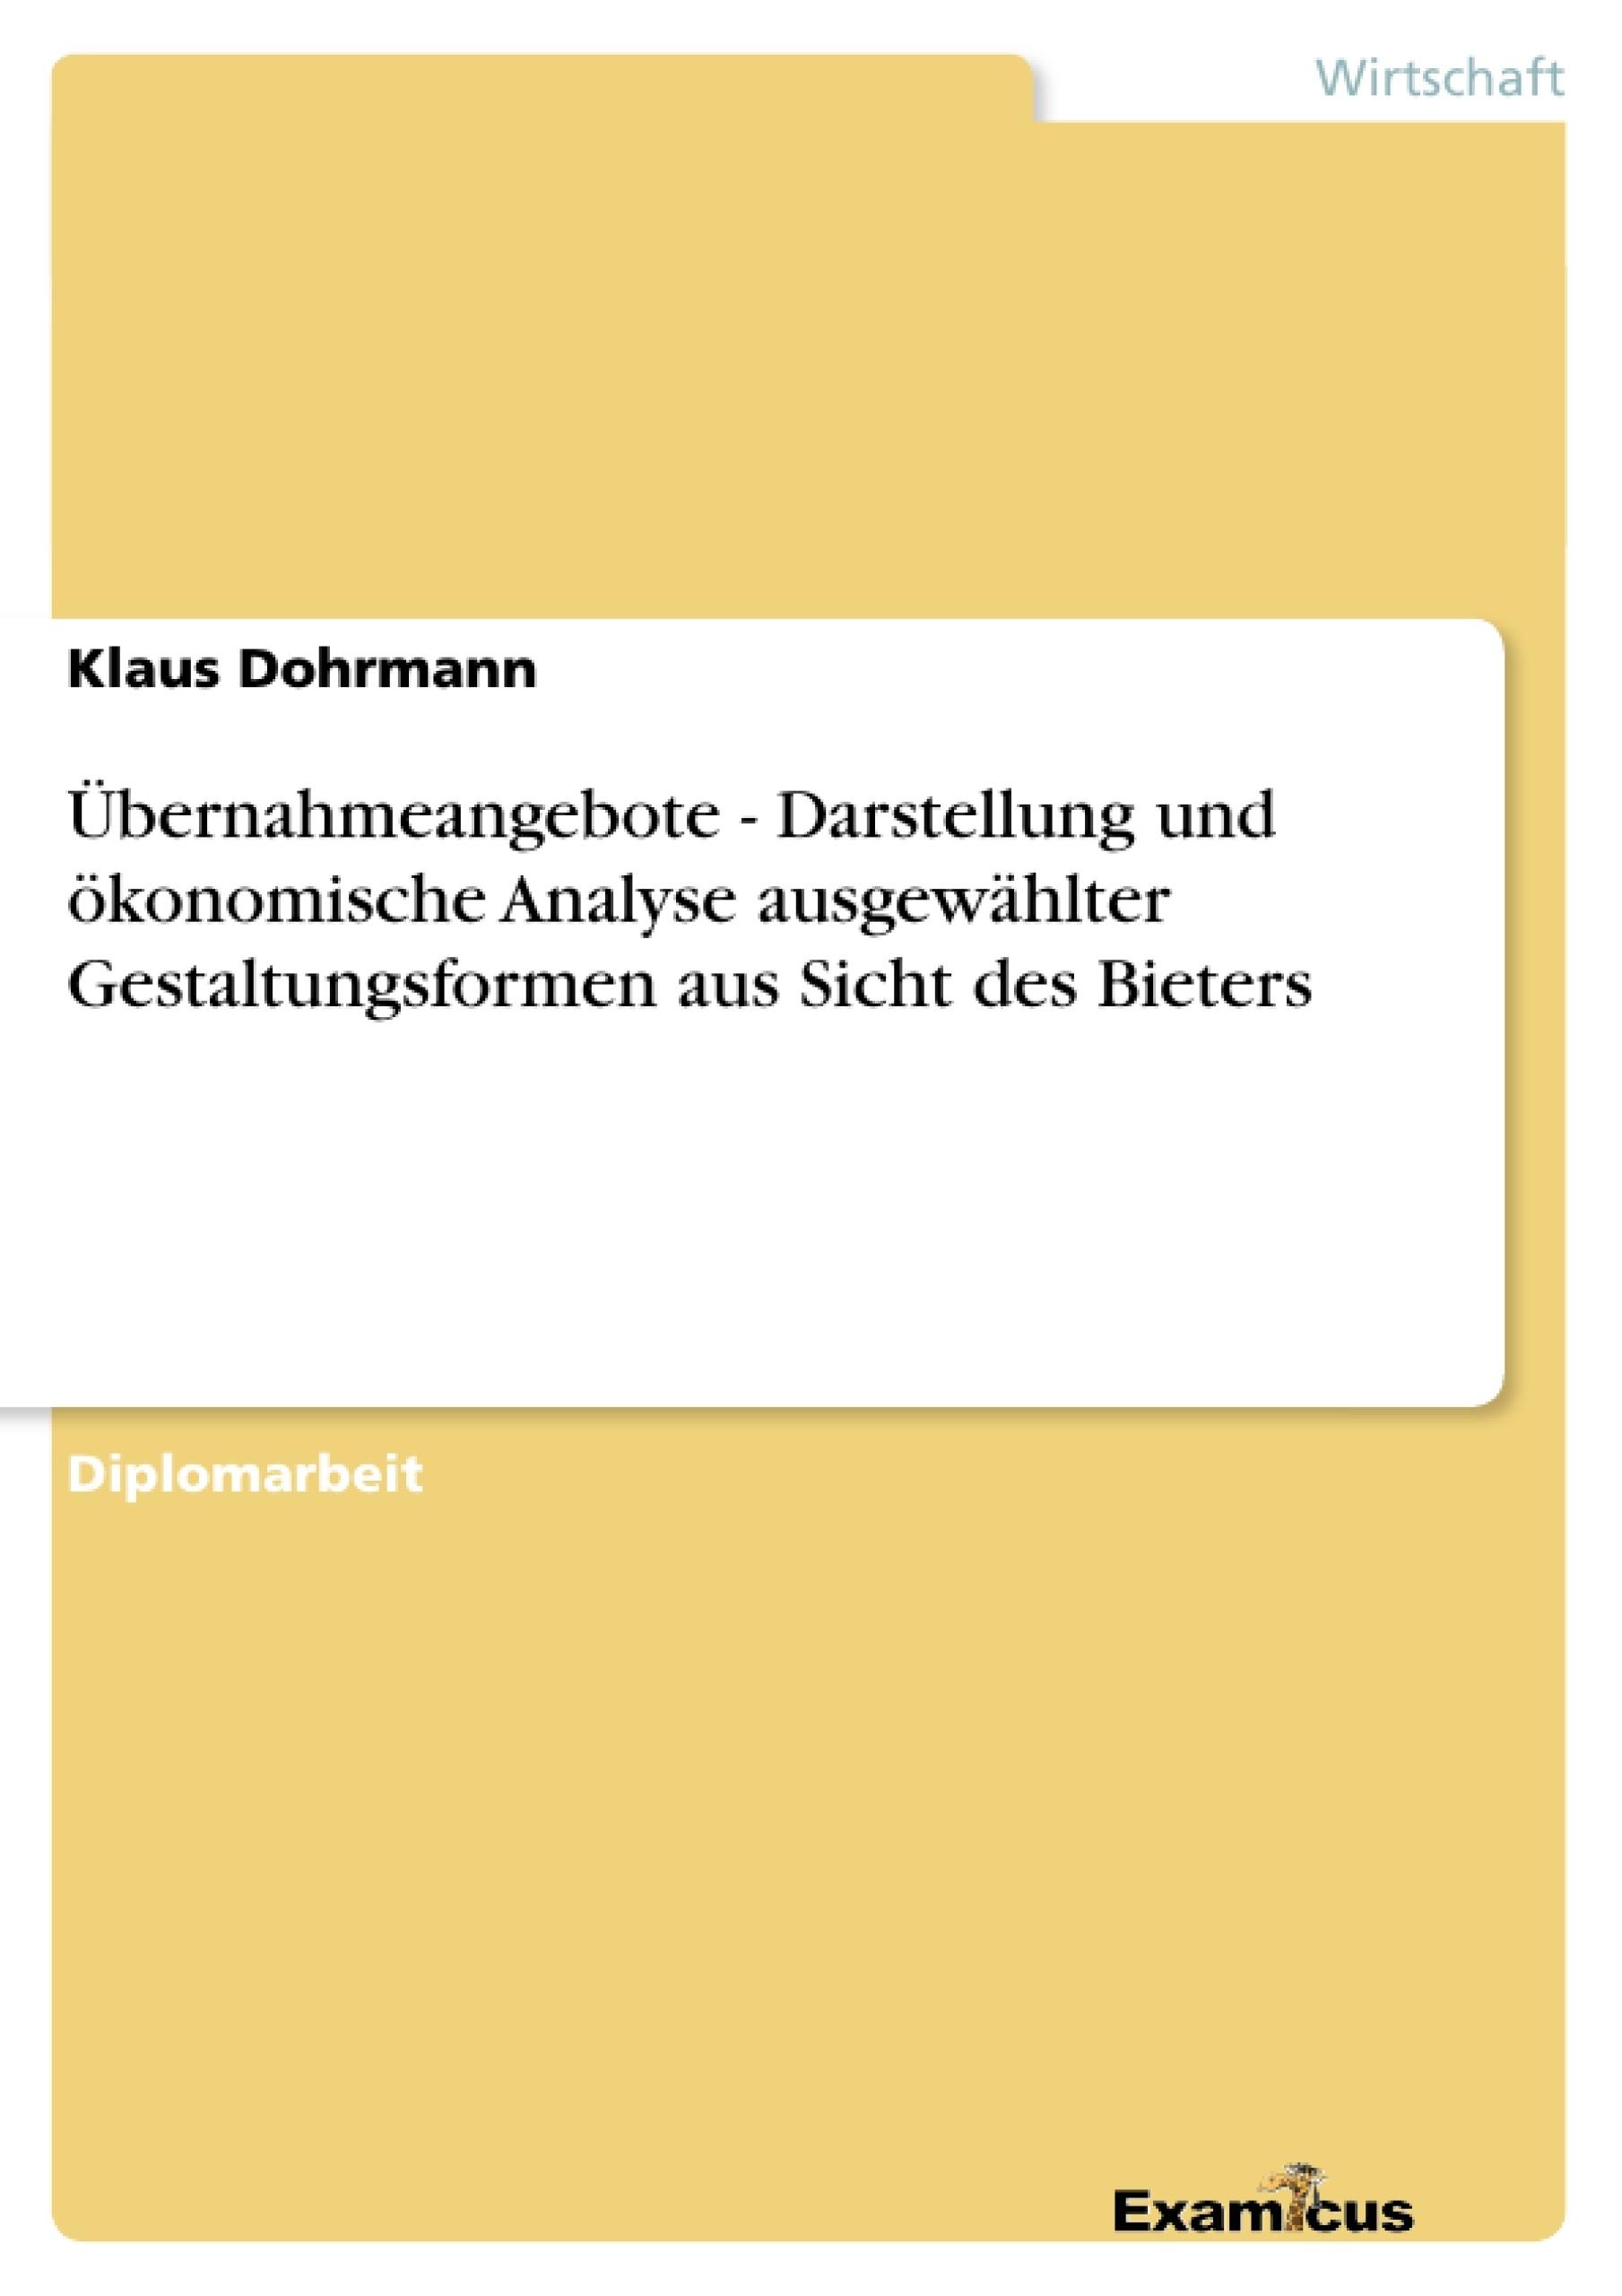 Titel: Übernahmeangebote - Darstellung und ökonomische Analyse ausgewählter Gestaltungsformen aus Sicht des Bieters